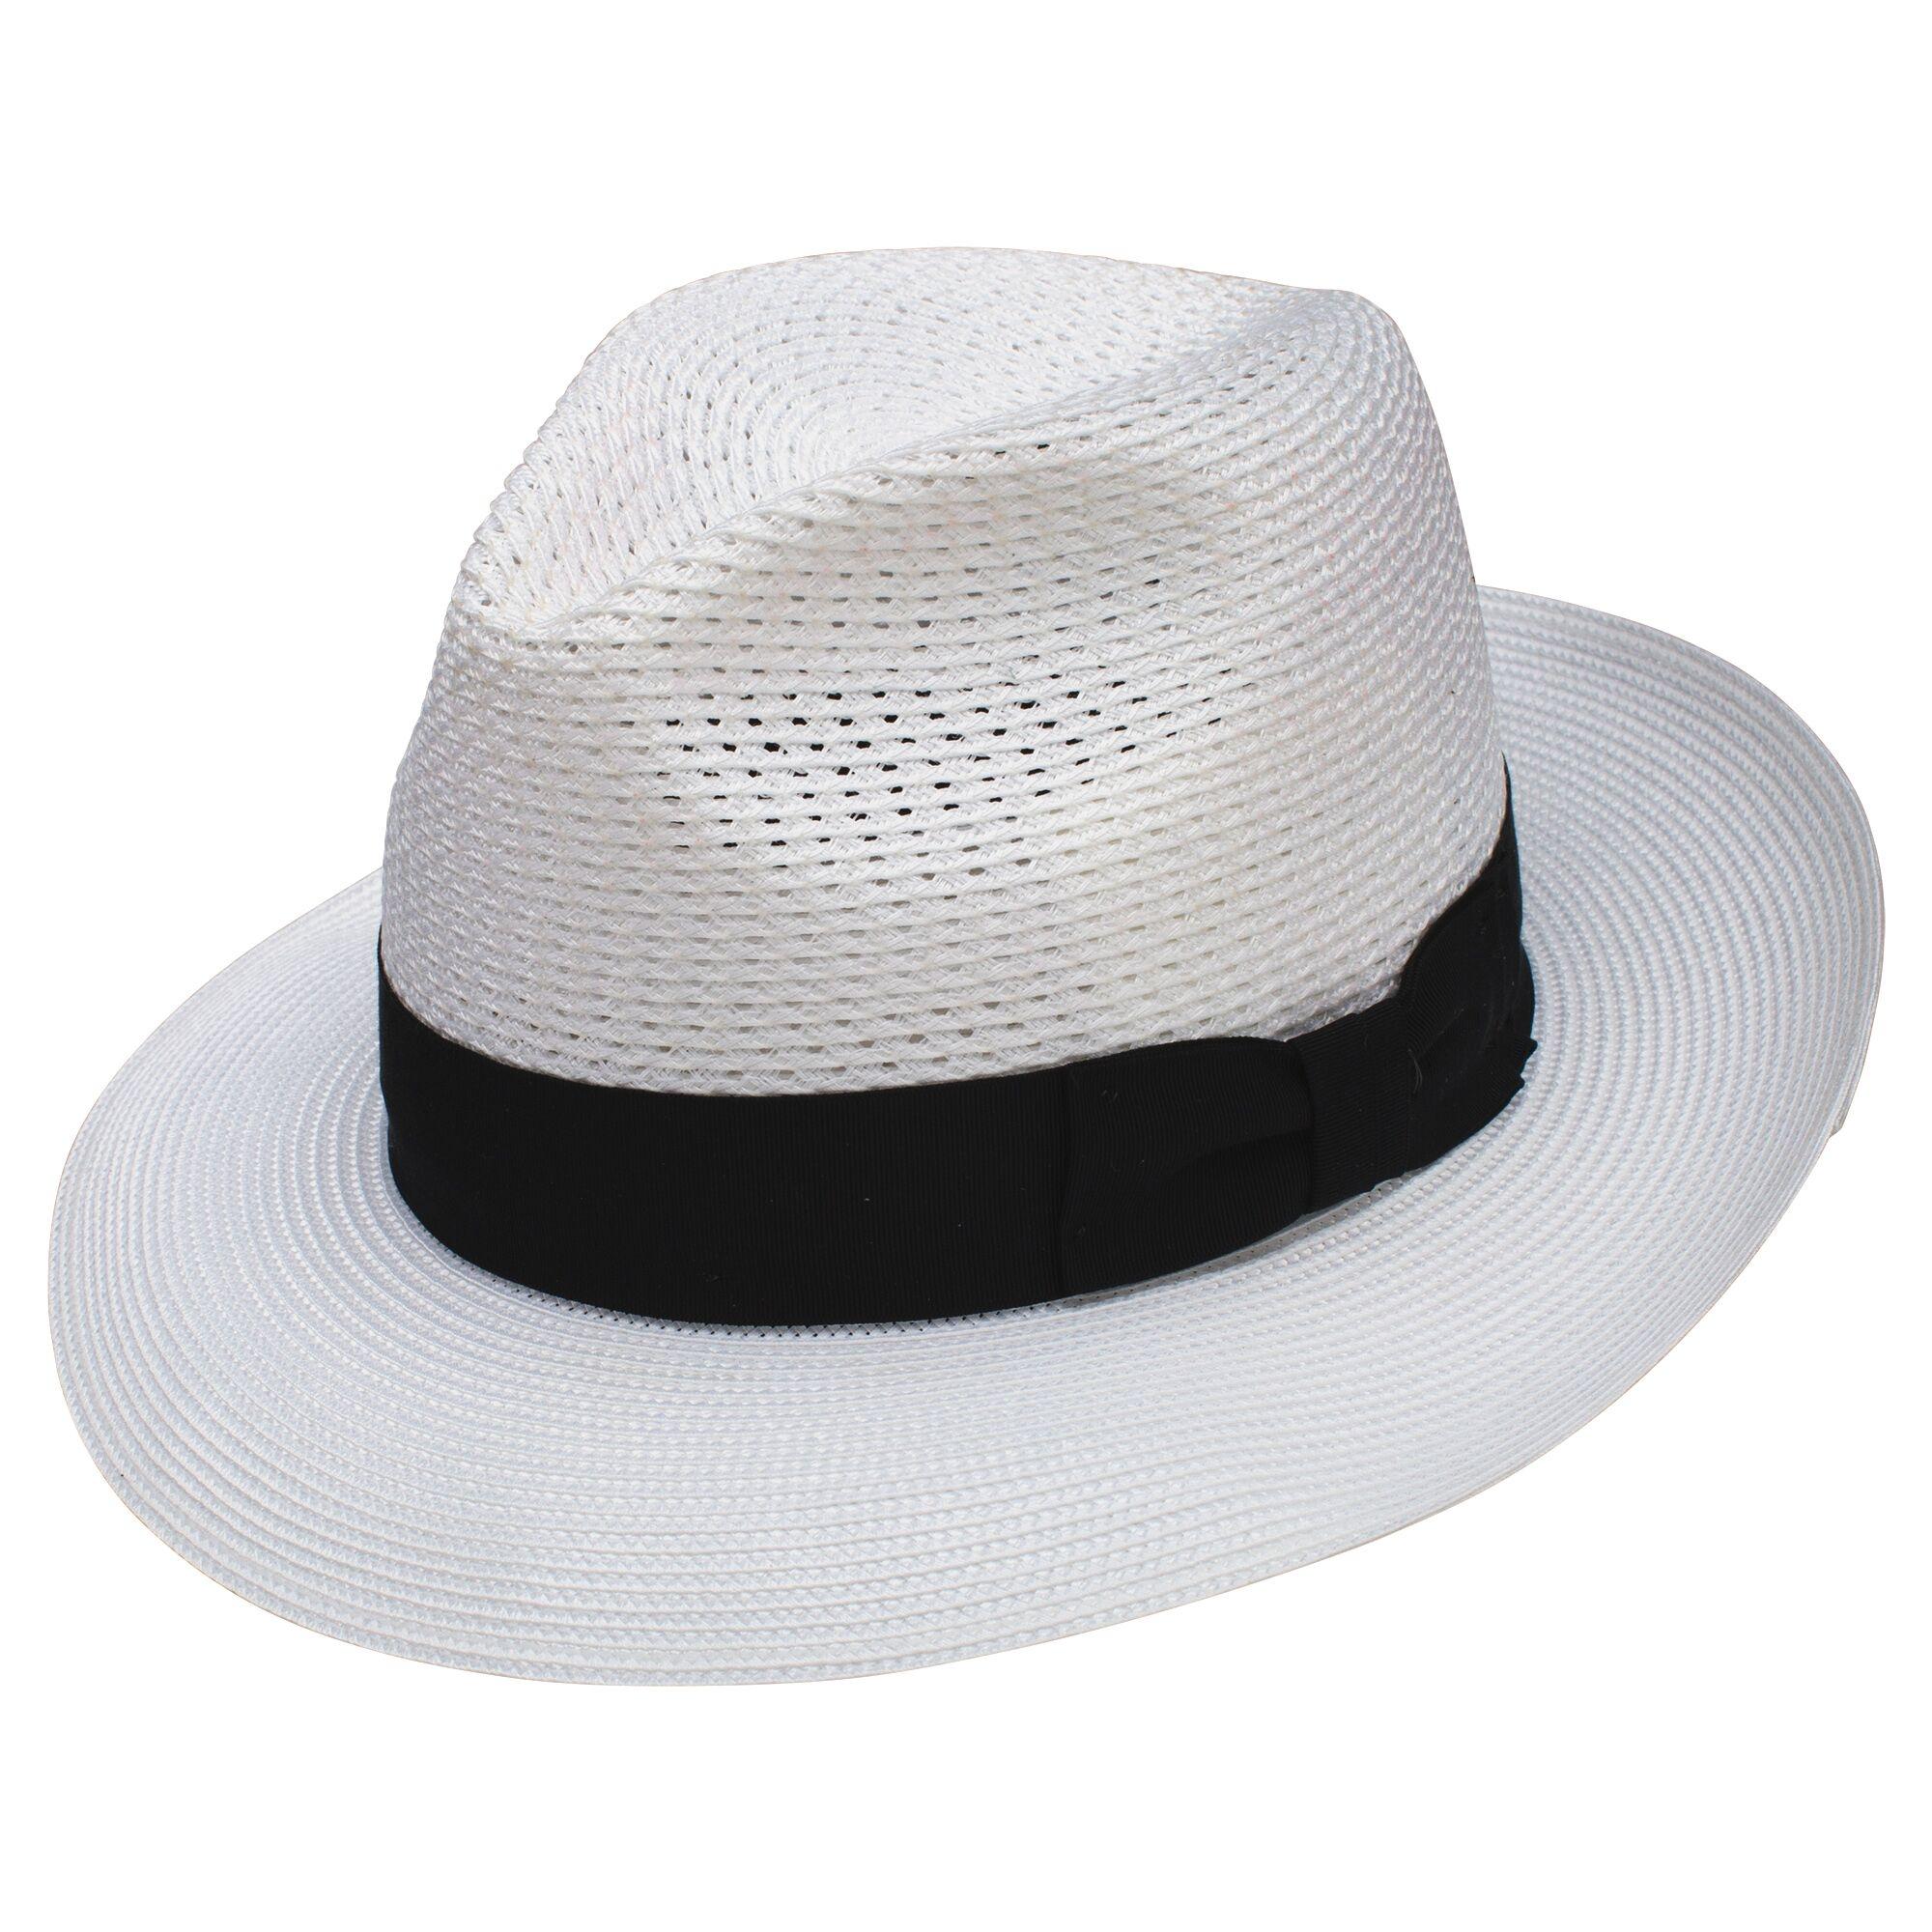 Dobbs Coolman - Milan Straw Fedora Hat